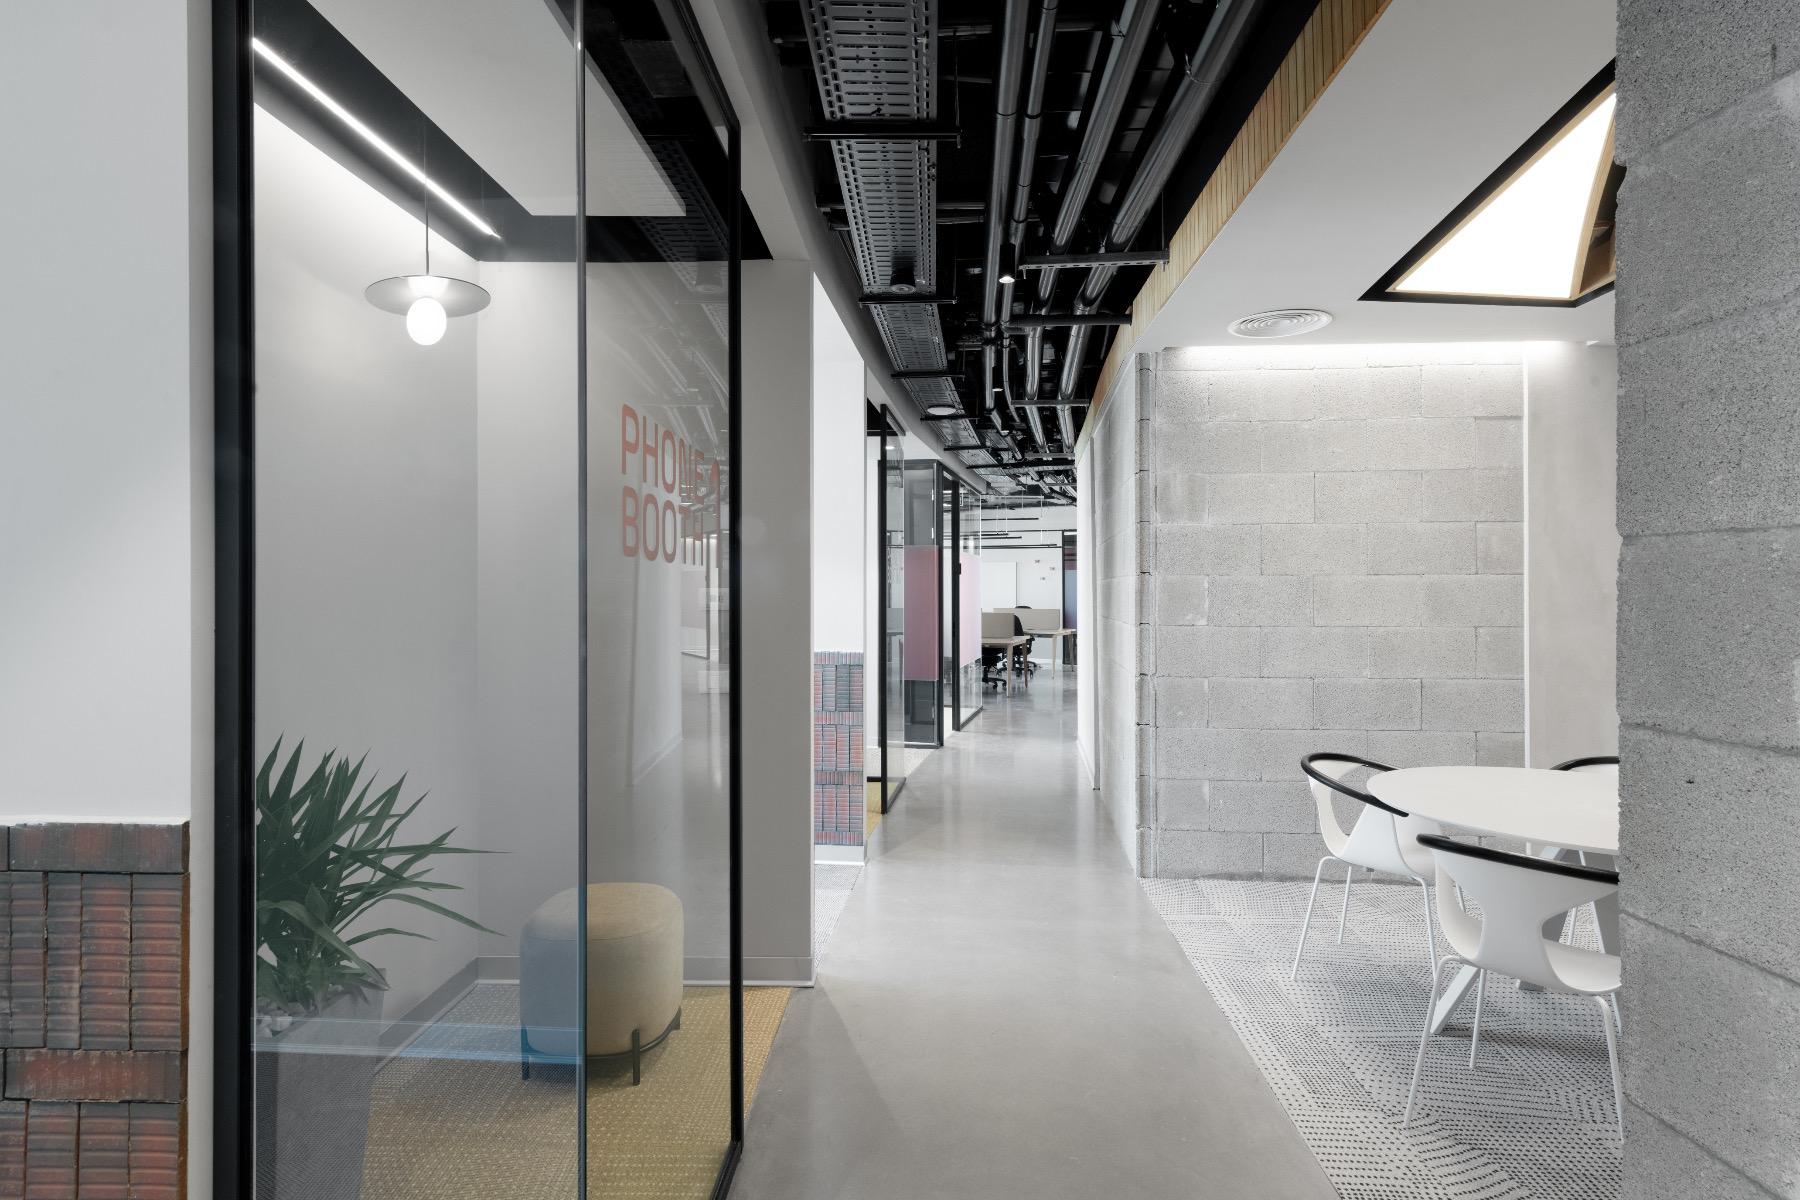 siemplify-tel-aviv-office-19